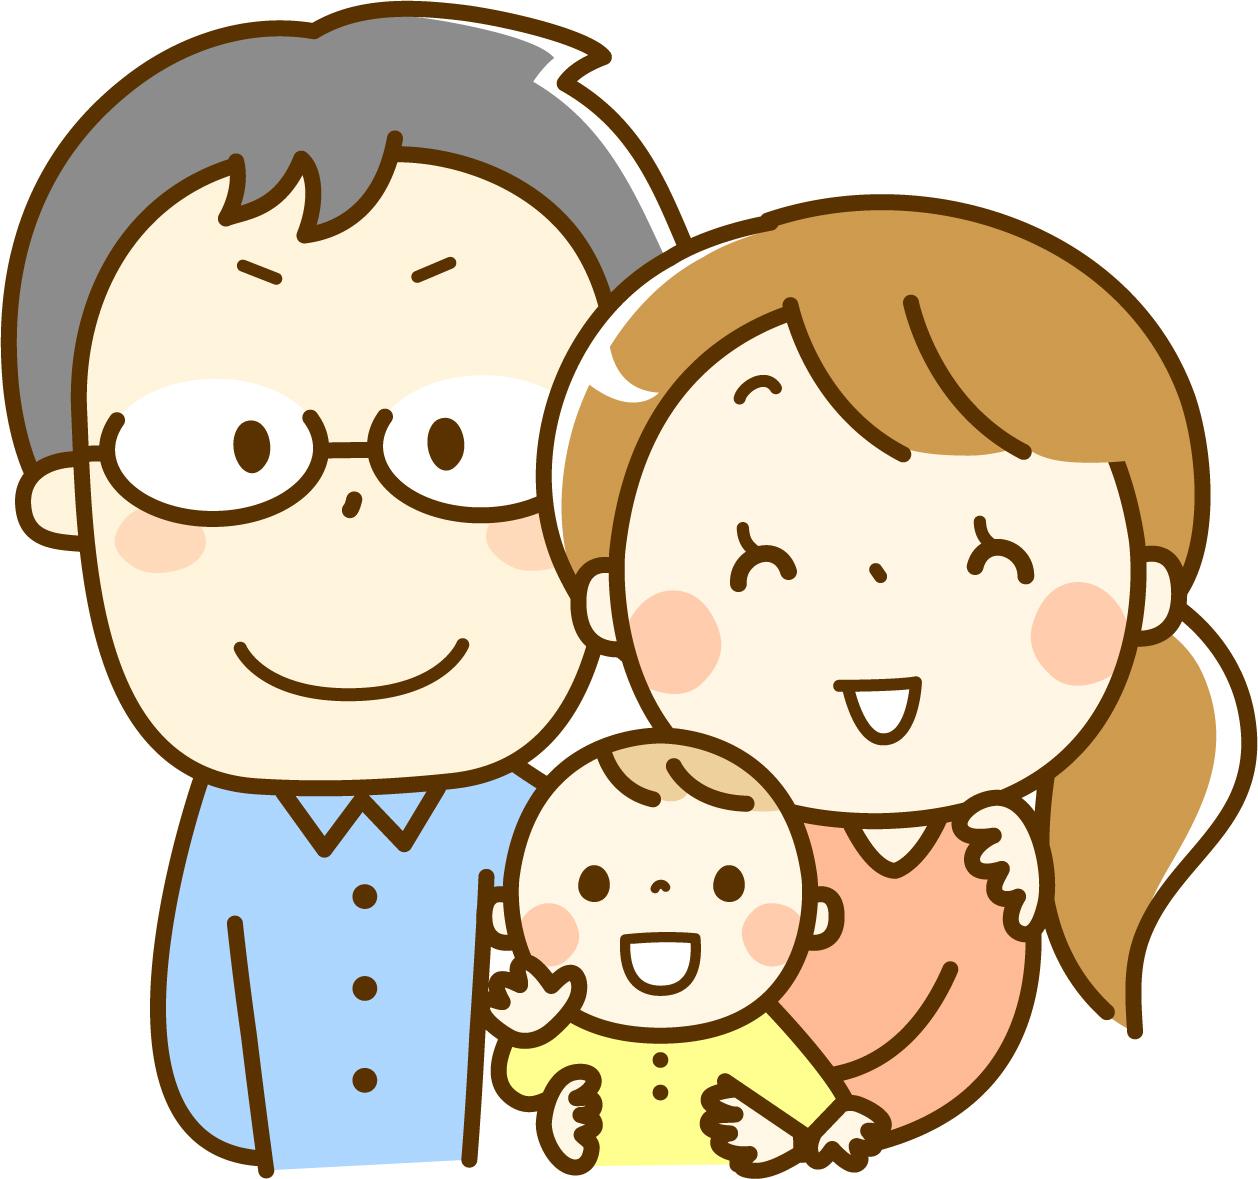 フランスに学ぶ離婚後の関係。離婚しても子育ては半々